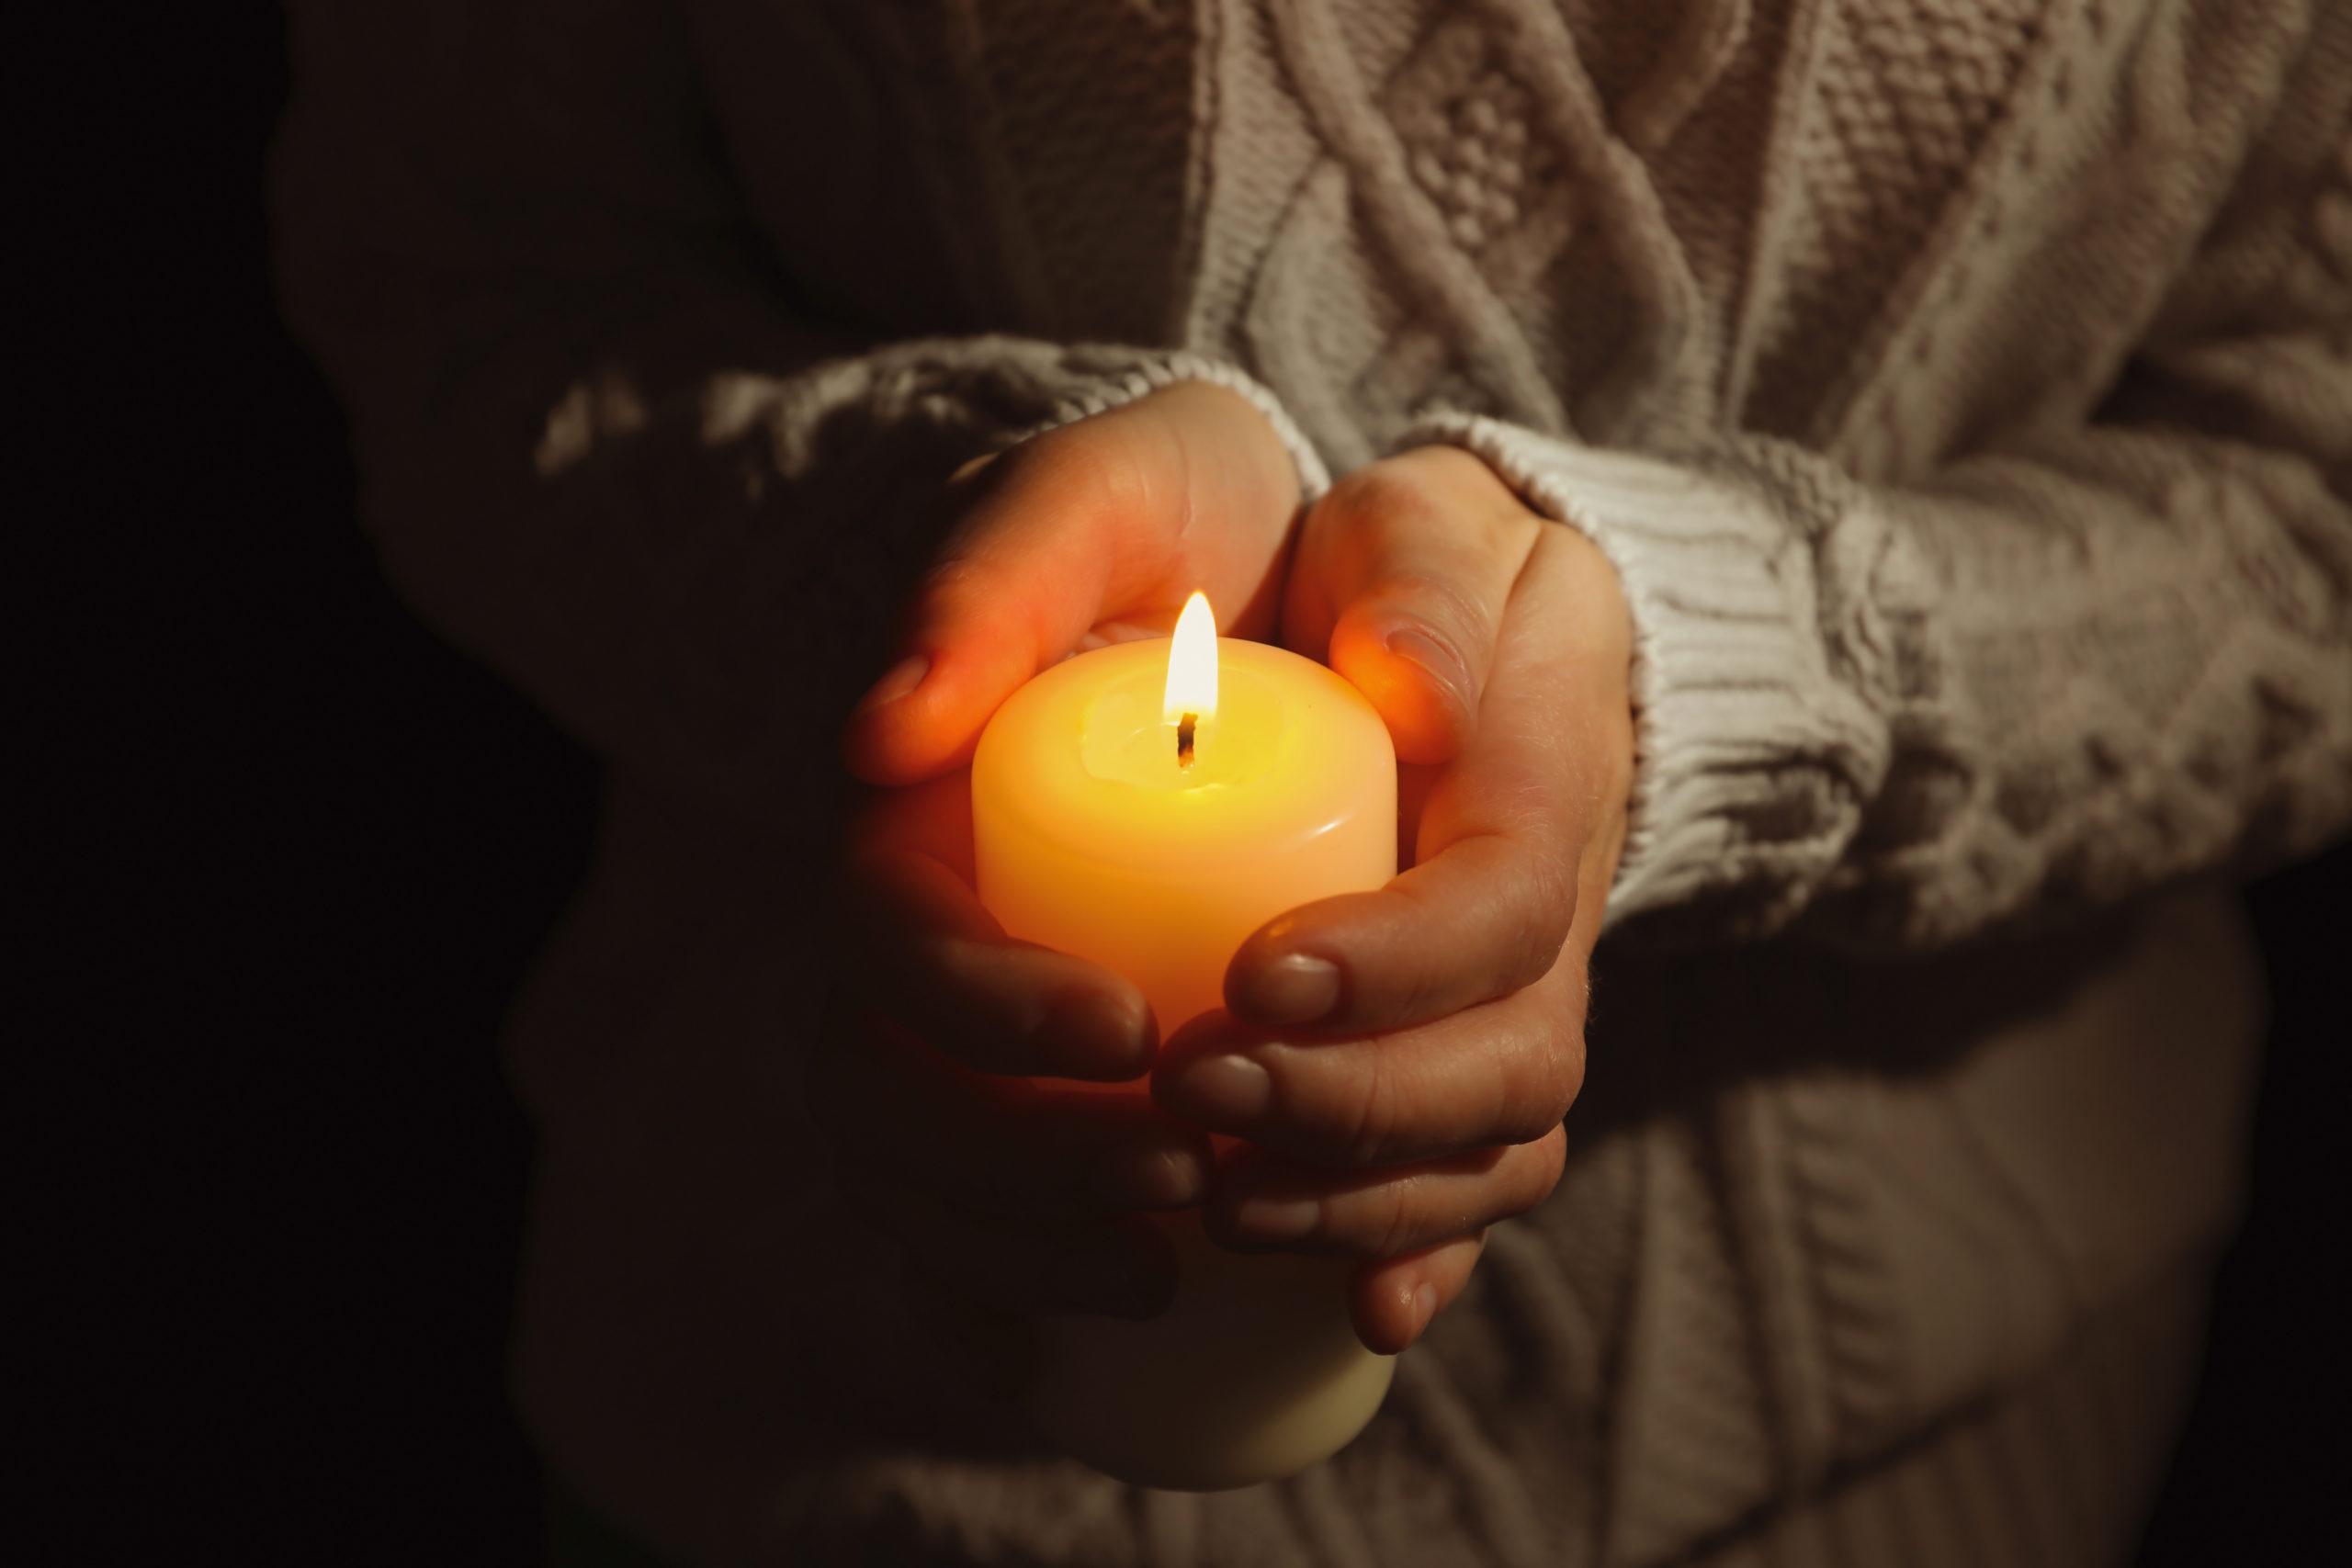 13 nap küzdelem után meghalt a 21 éves magyar zsokélány